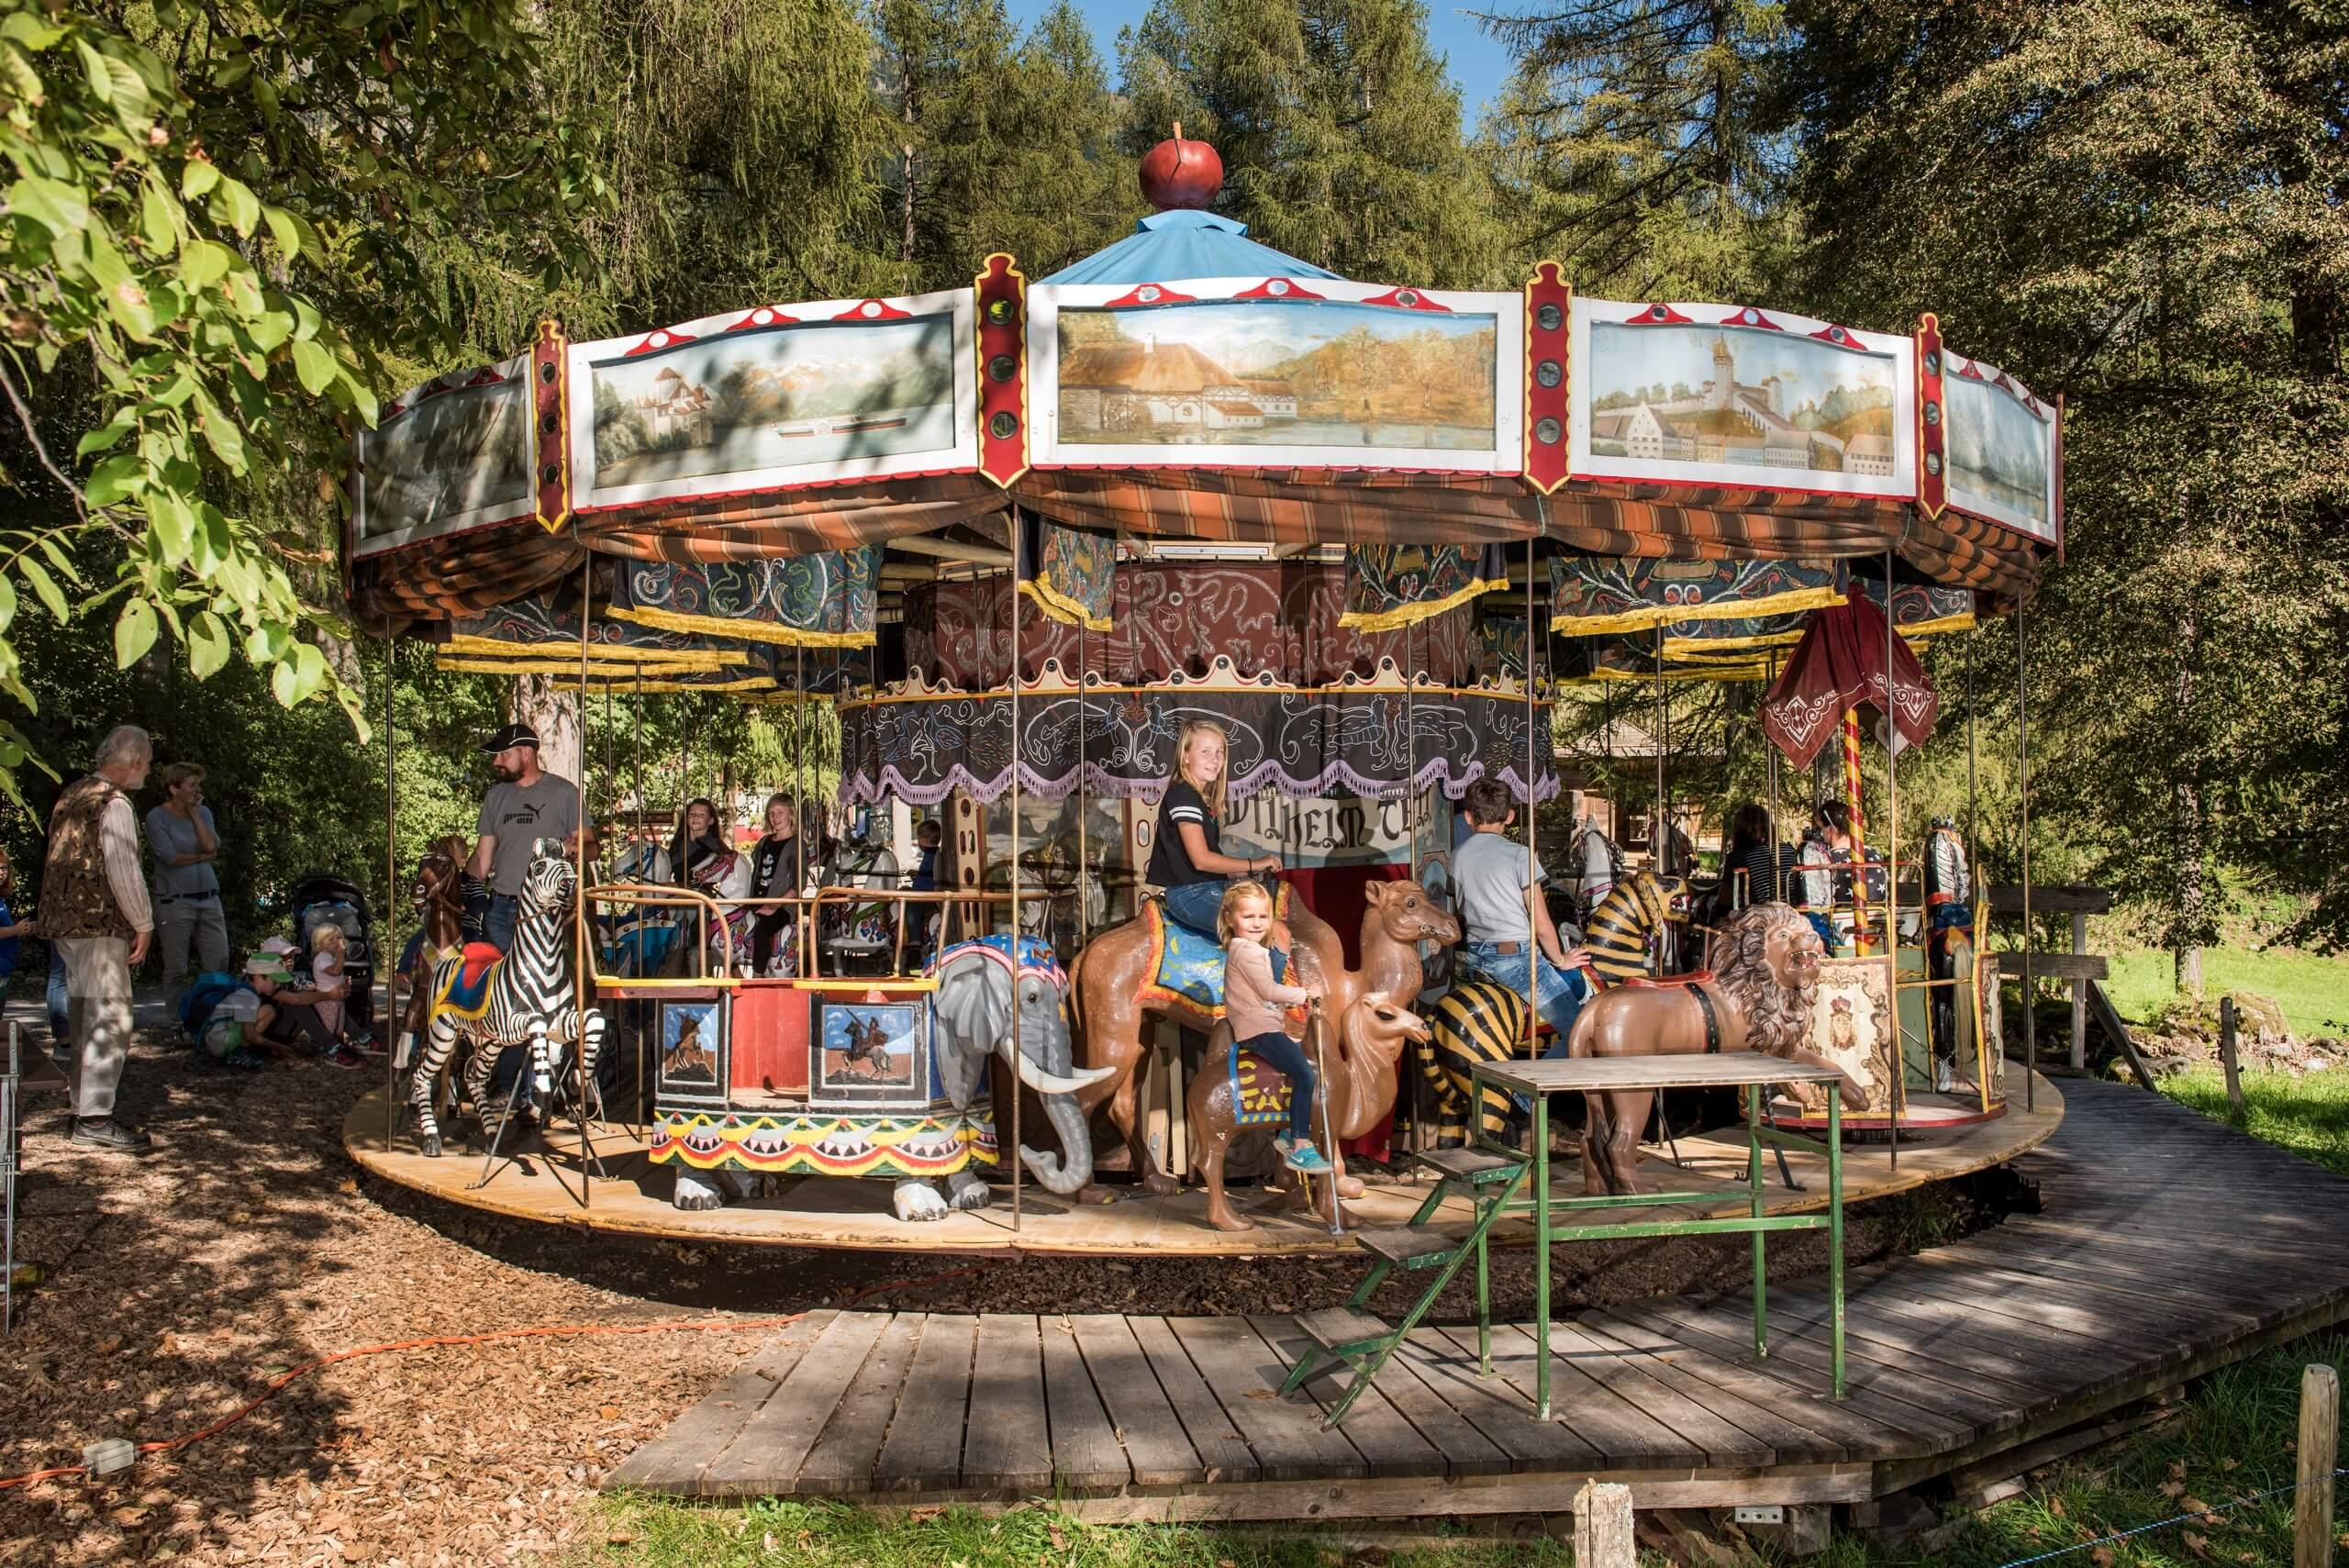 ballenberg-familienfestival-kinder-sommer-karusell